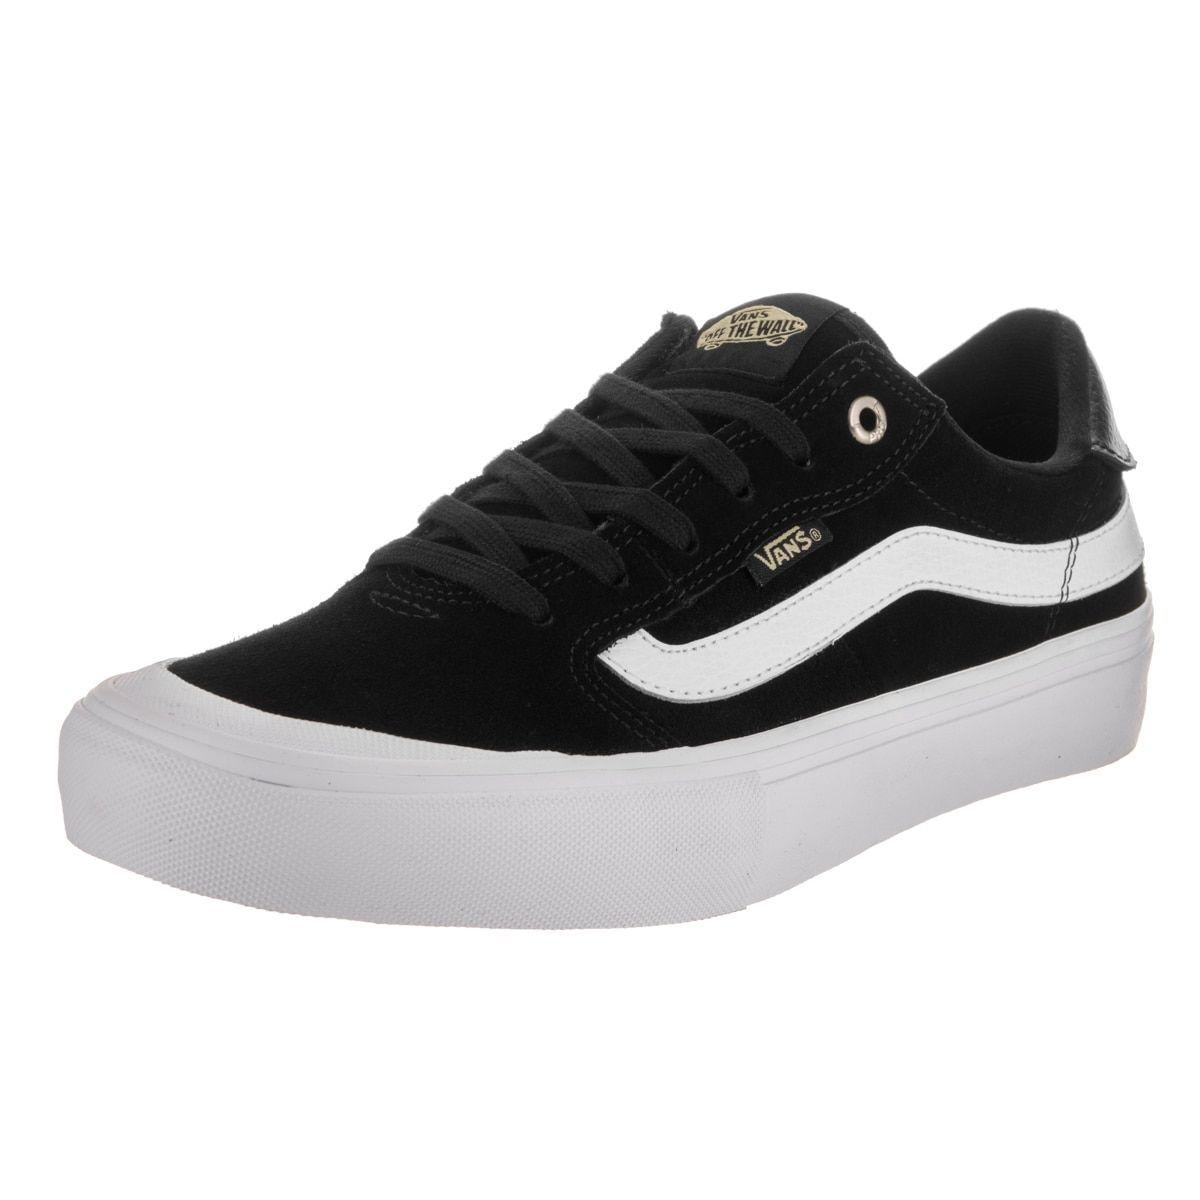 save off 07d6d 33af5 Converse One Star Pro Shoes Cast Iron Black White   original shape skate  shoes low leather   Shoes, Converse one star, Converse